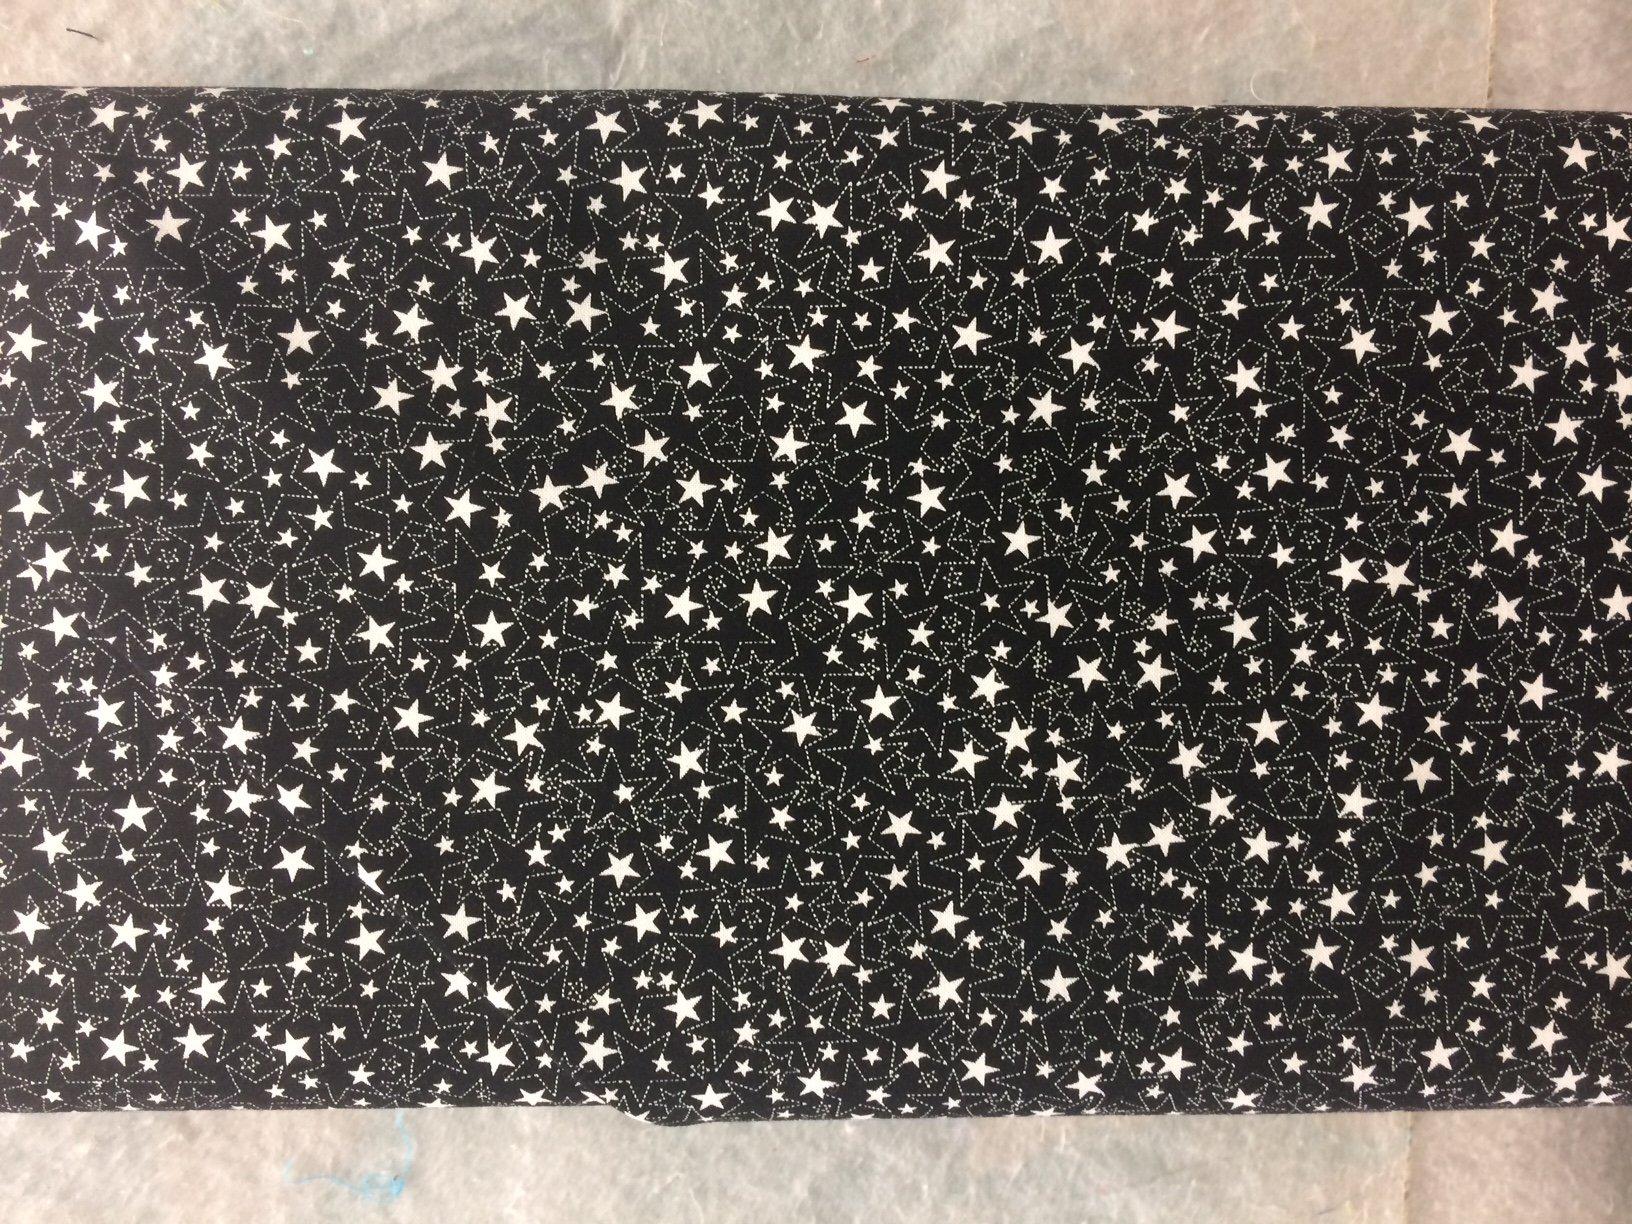 8682-005 Bare Essentials Deluxe - White Stars - Black Fabric